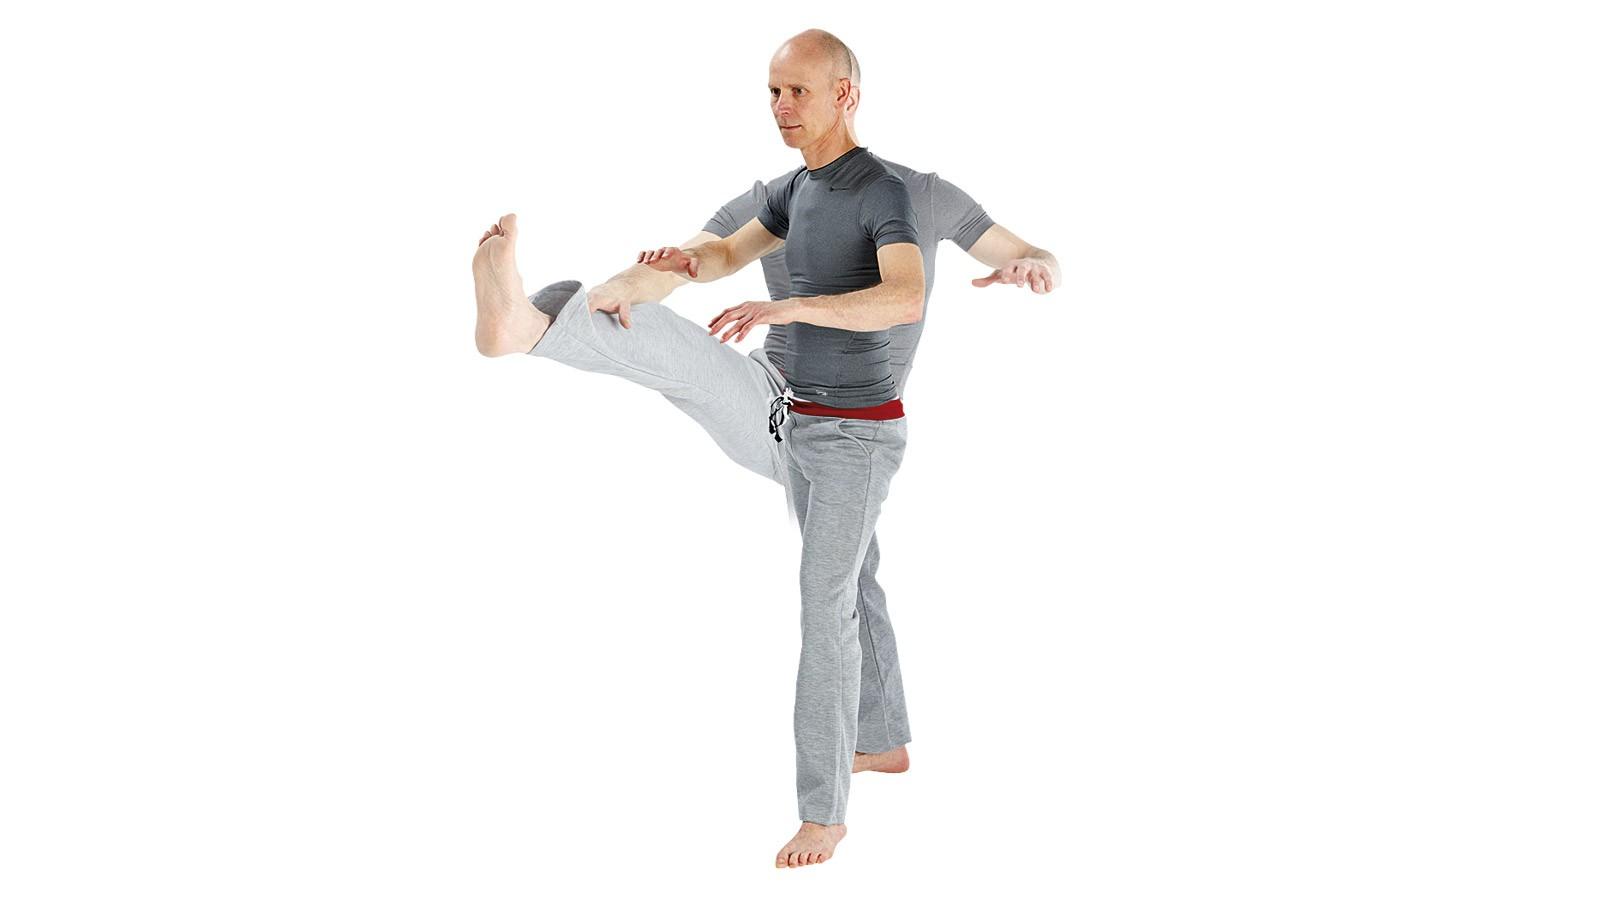 Standard leg swings